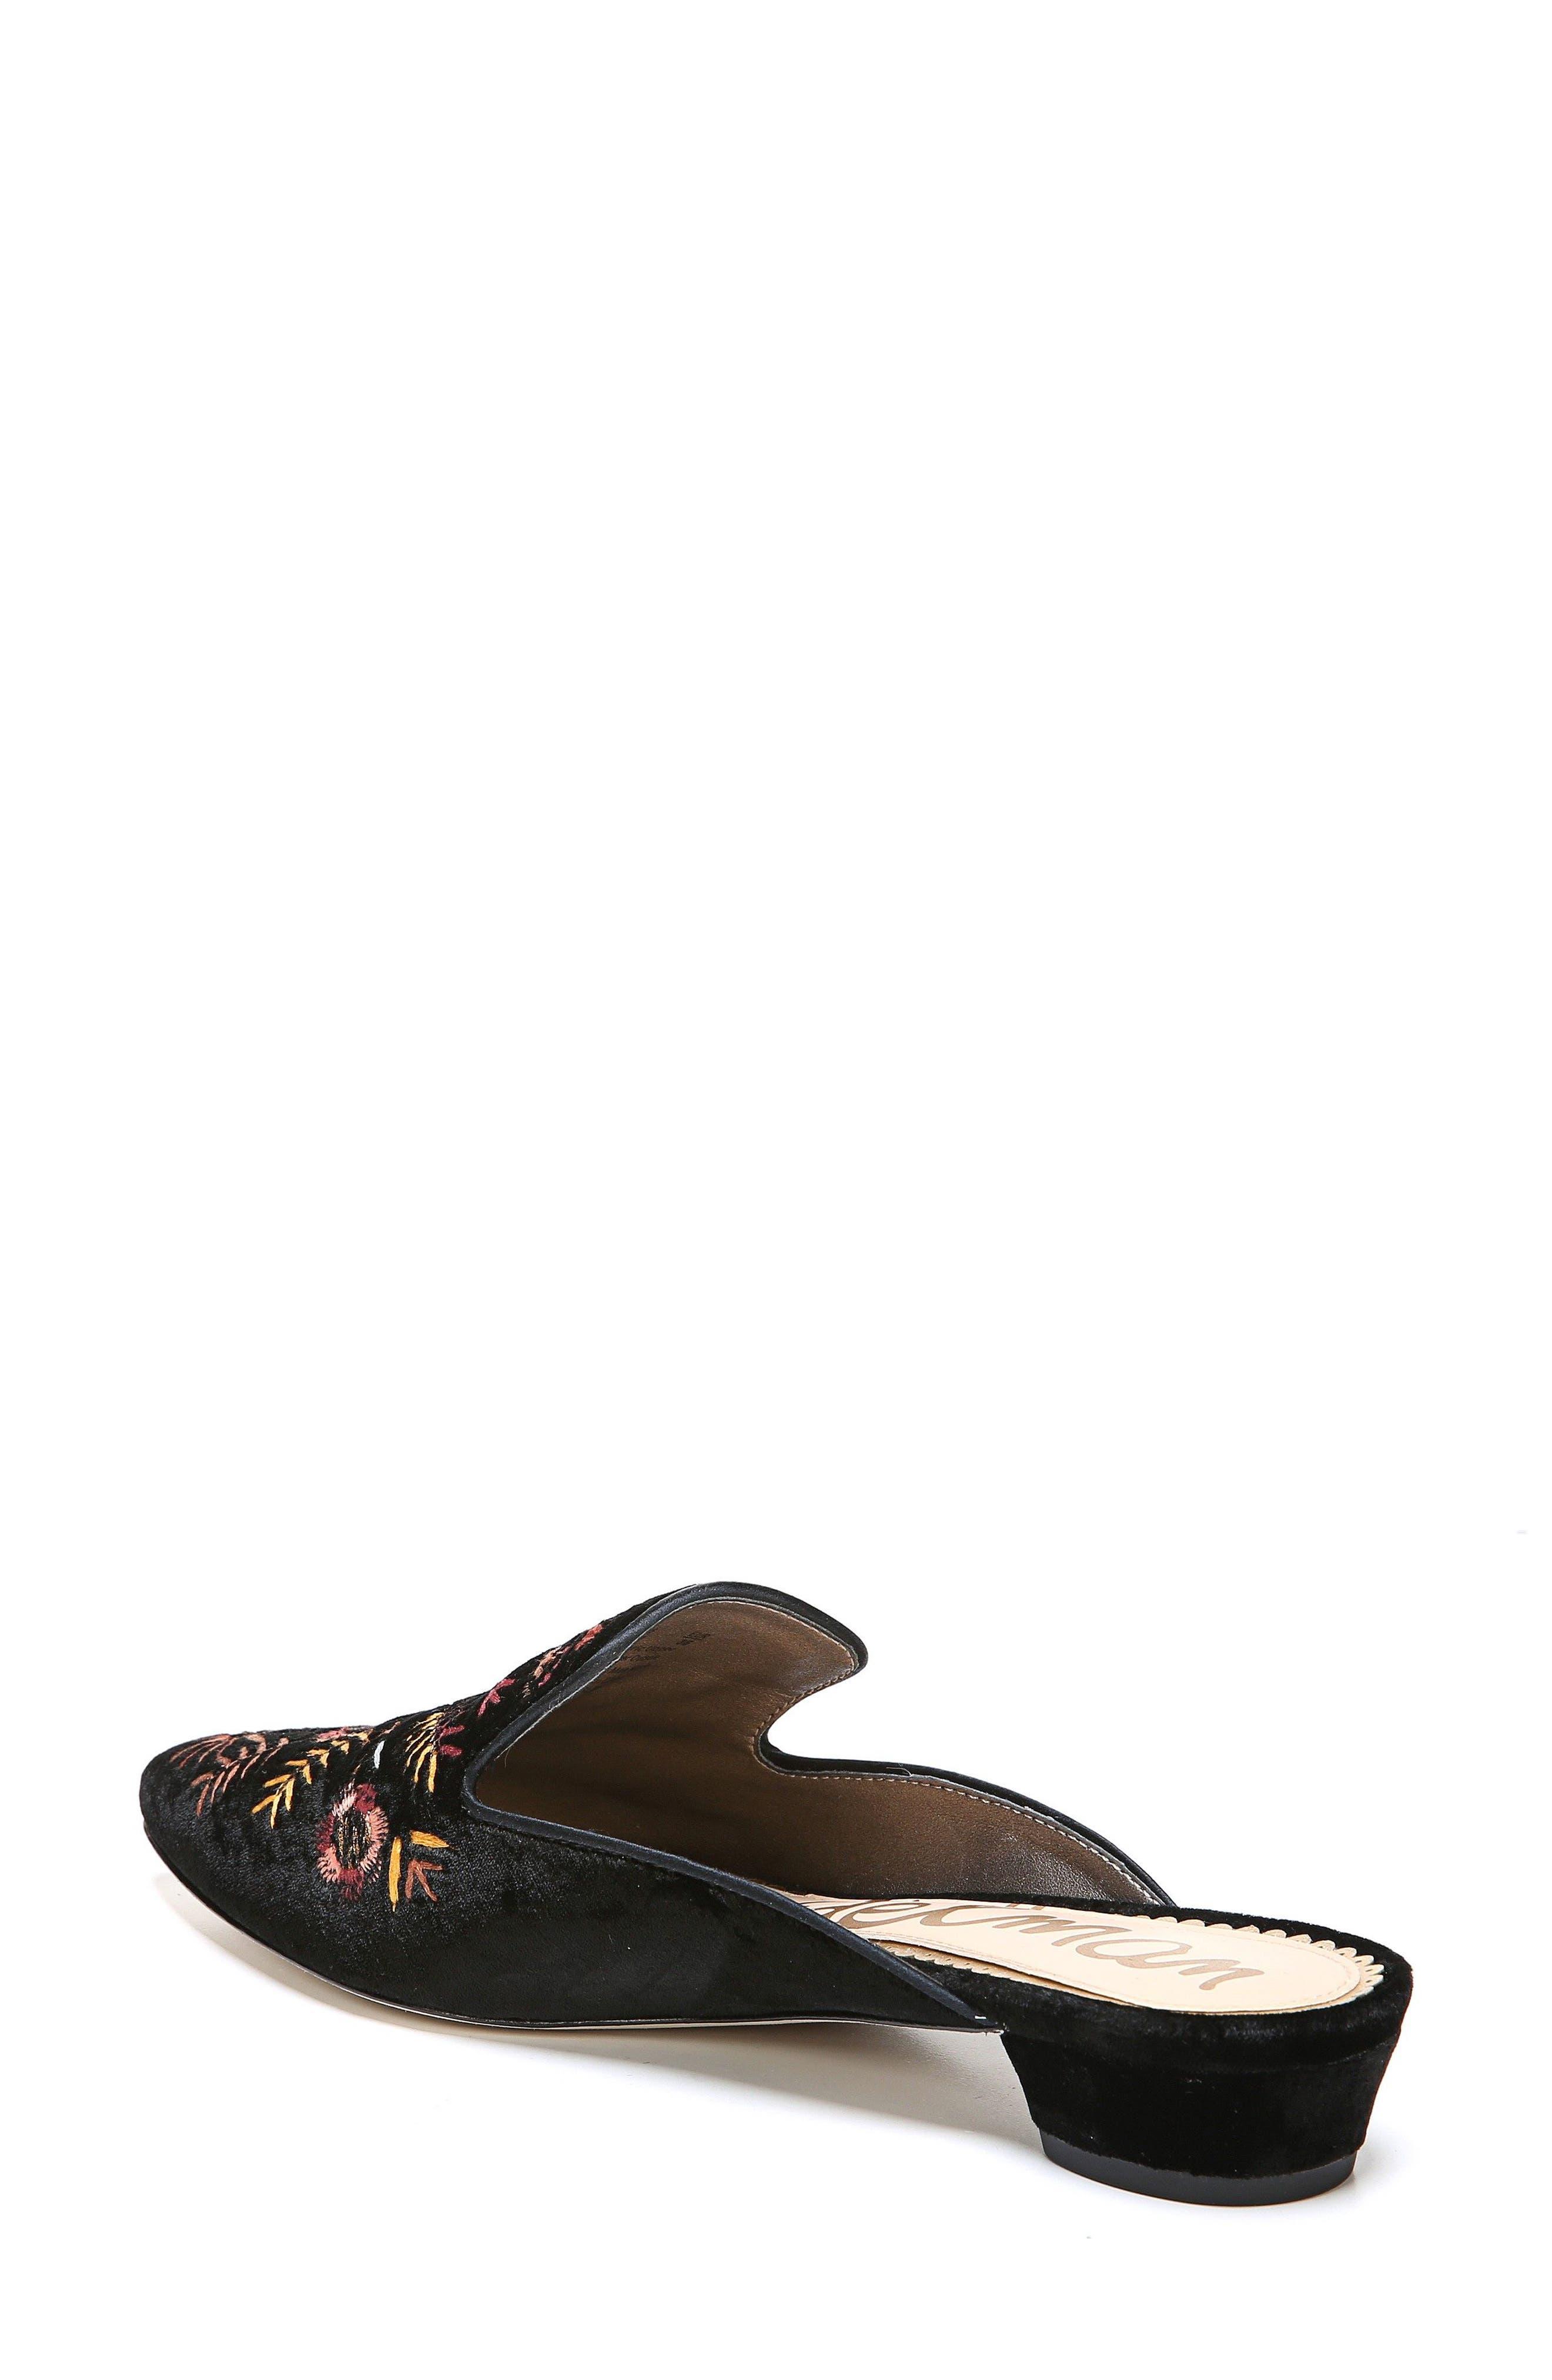 Ansley Pointy Toe Loafer Mule,                             Alternate thumbnail 2, color,                             Black Velvet